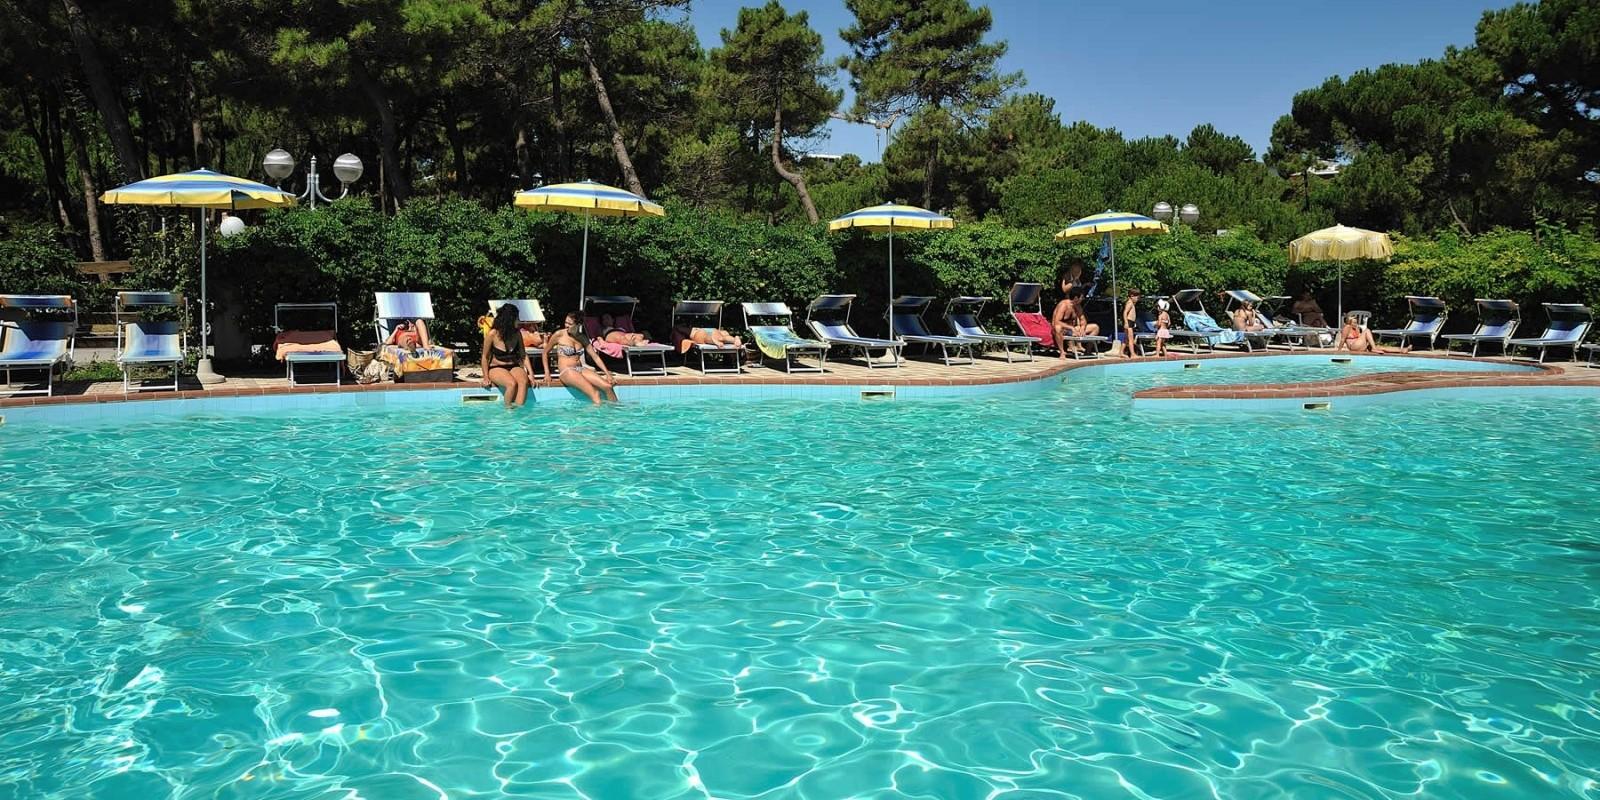 Le migliori piscine a milano - Piscine di milano ...